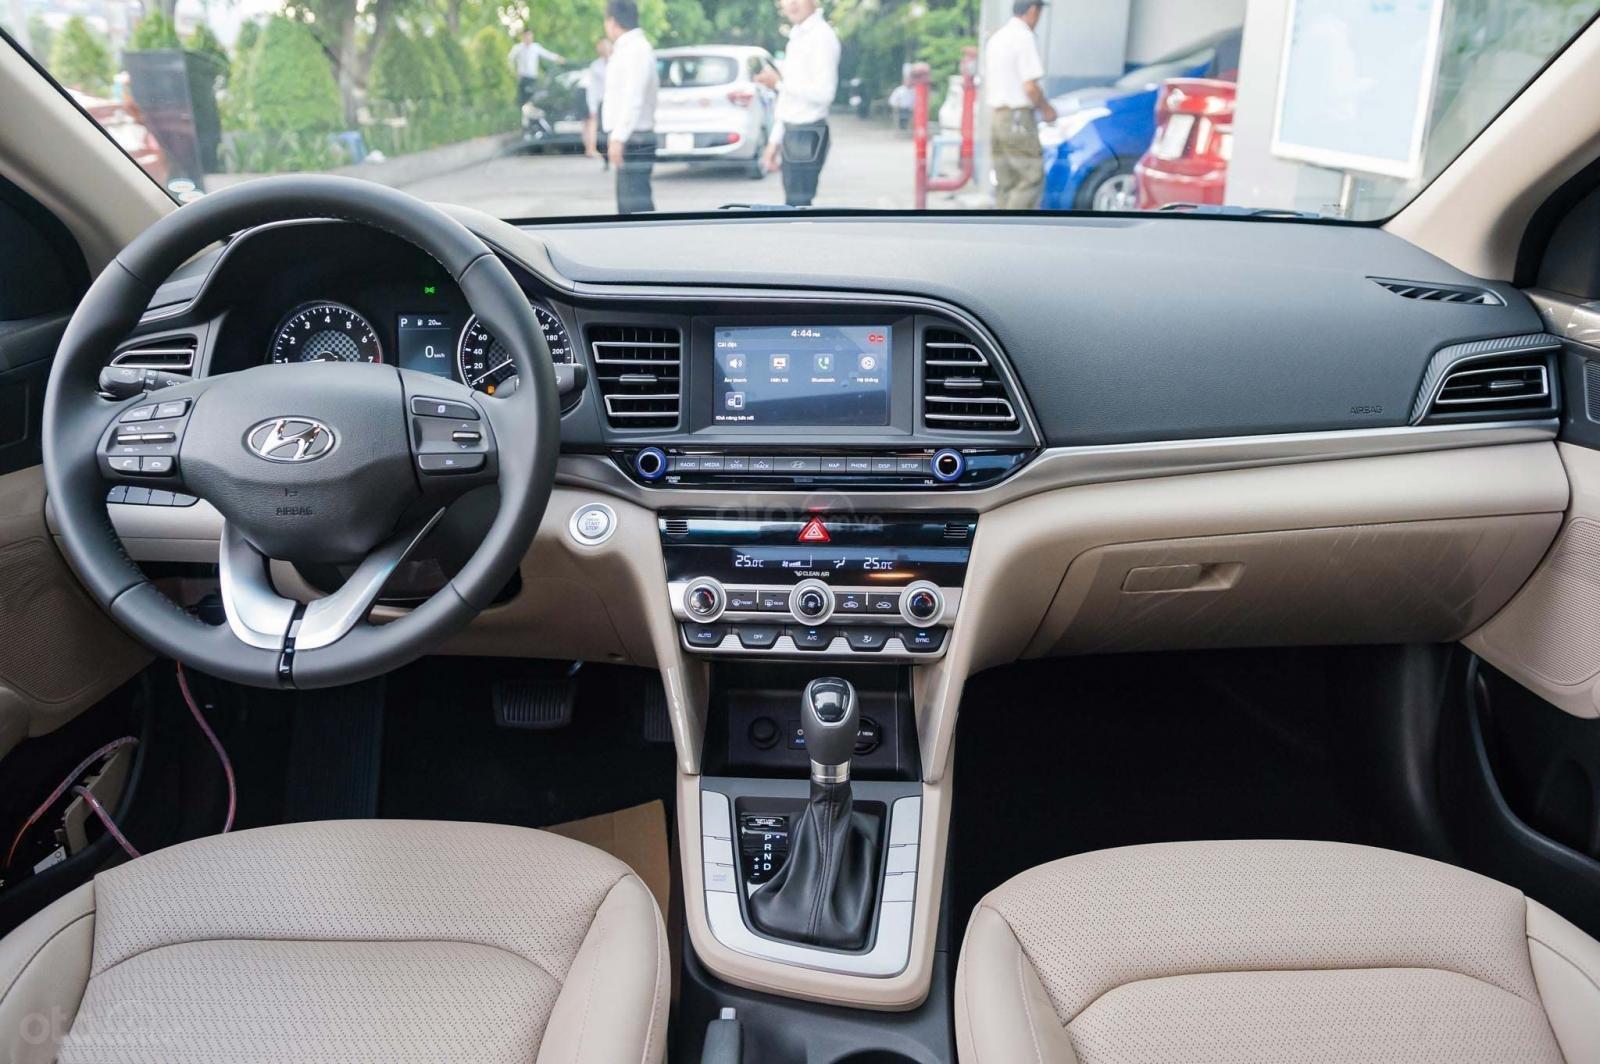 """""""Sốc"""" Tặng 10 triệu phụ kiện - Chỉ 179tr- Hyundai Elantra 1.6 AT 2019, hỗ trợ trả góp 85% - Thủ tục nhanh chóng-9"""